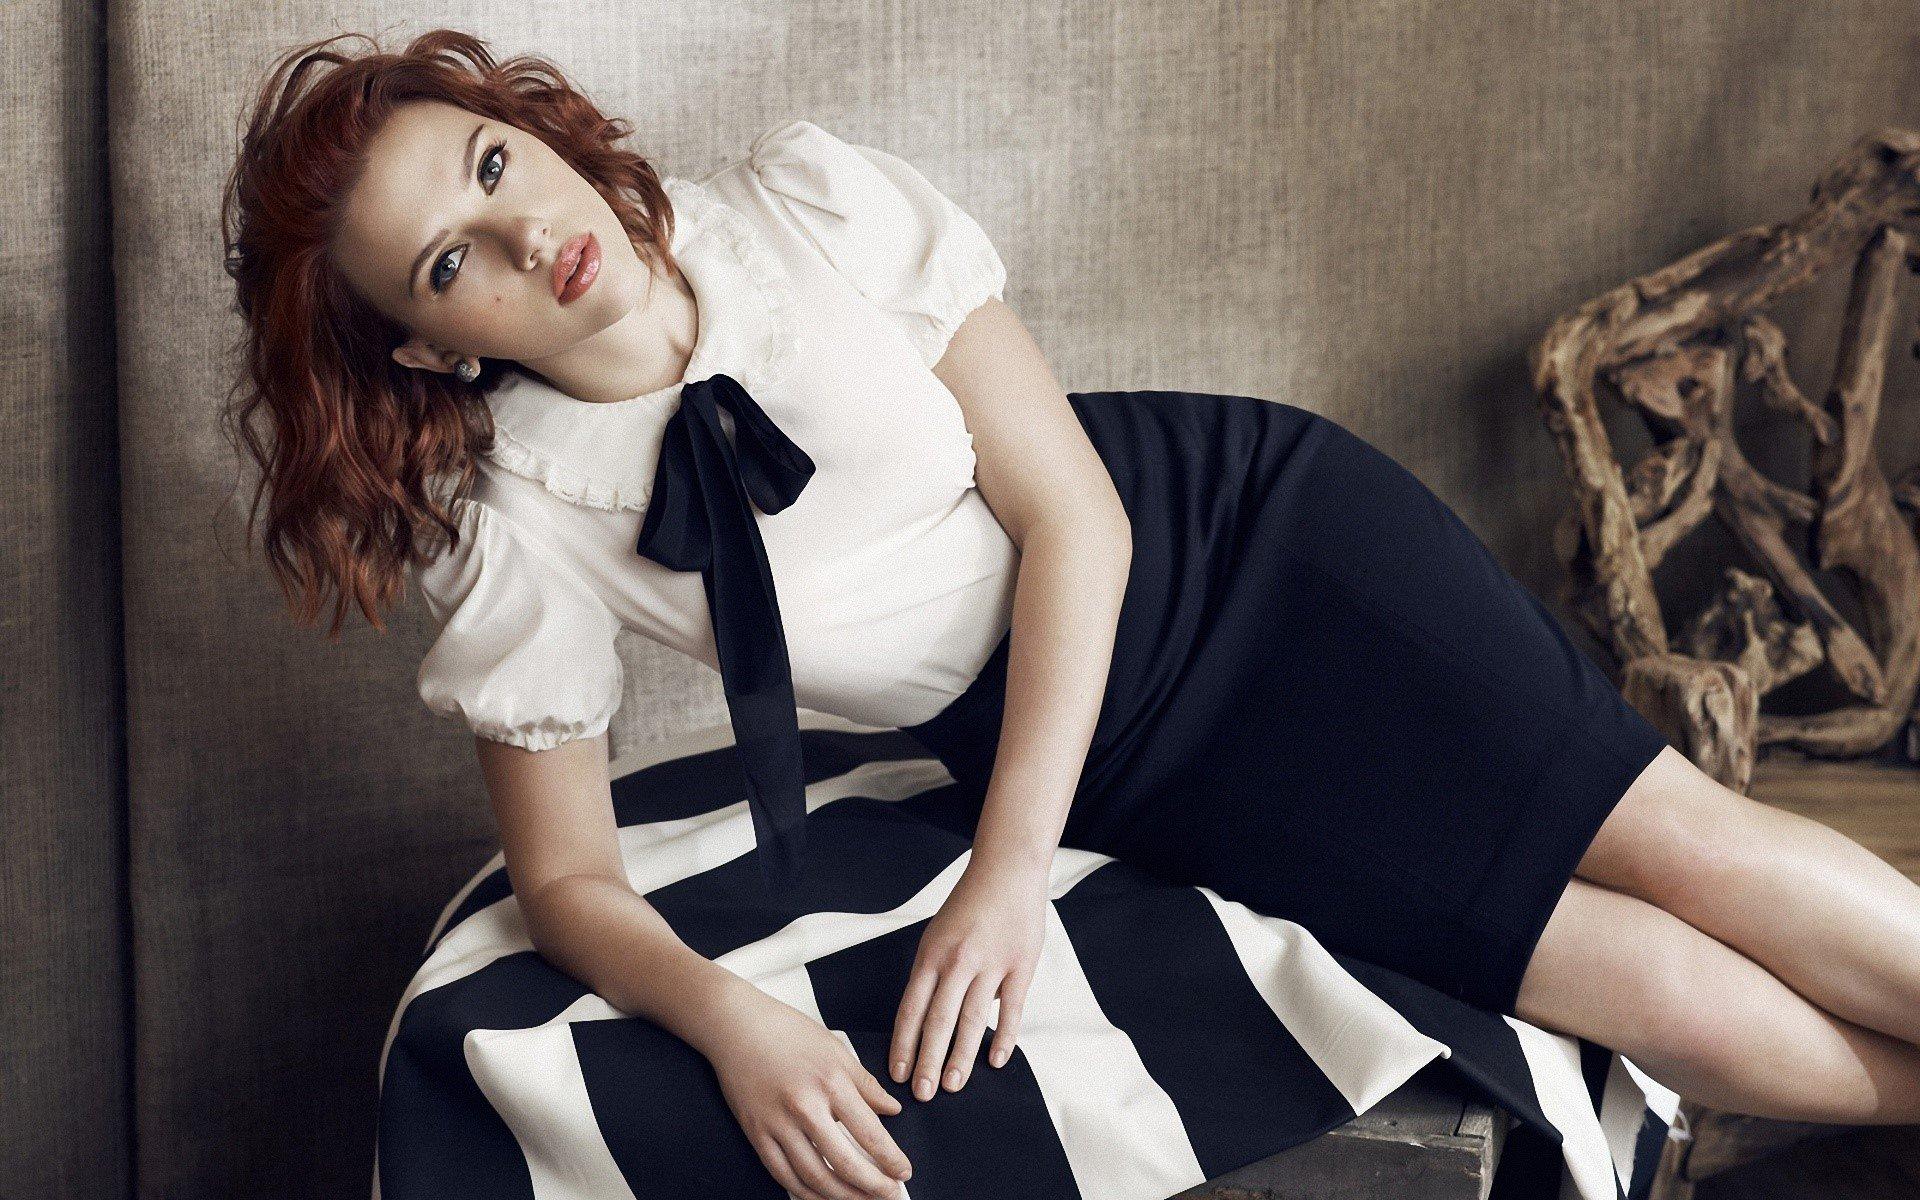 Fondos de pantalla Scarlett Johansson en una habitación